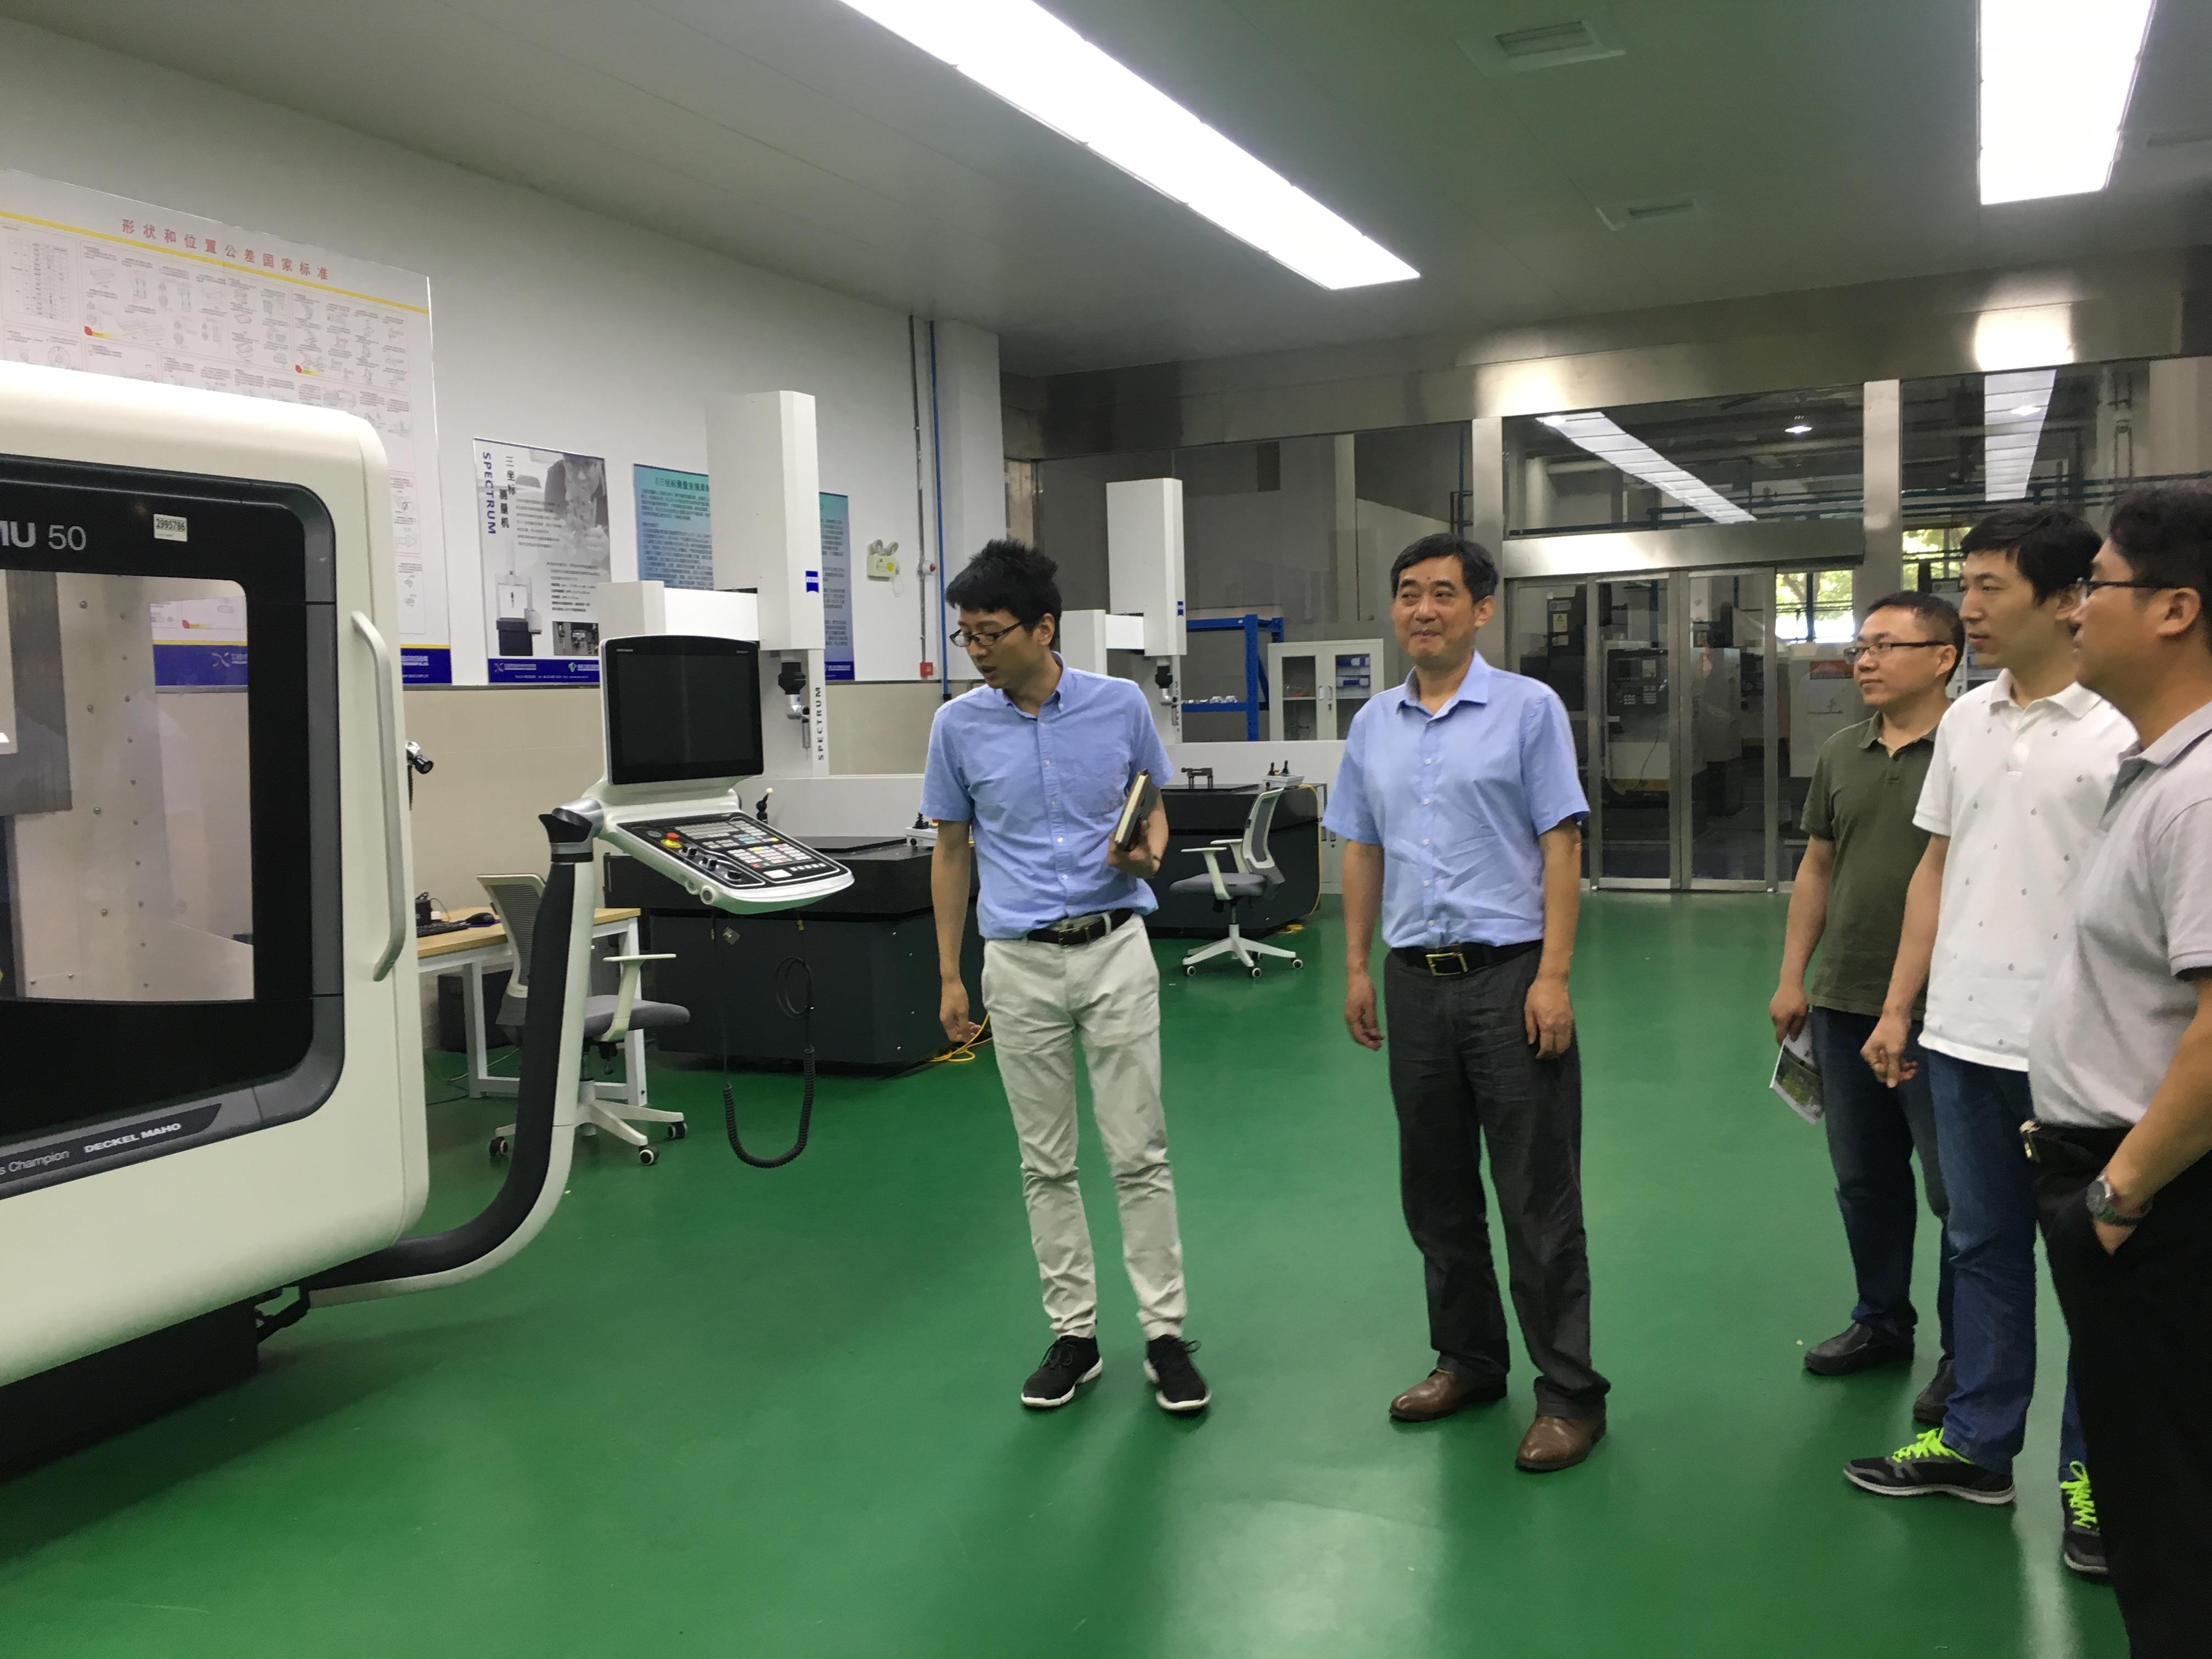 機械系與IVT就汽修專業發展進行深入交流學習-相城中等專業學校